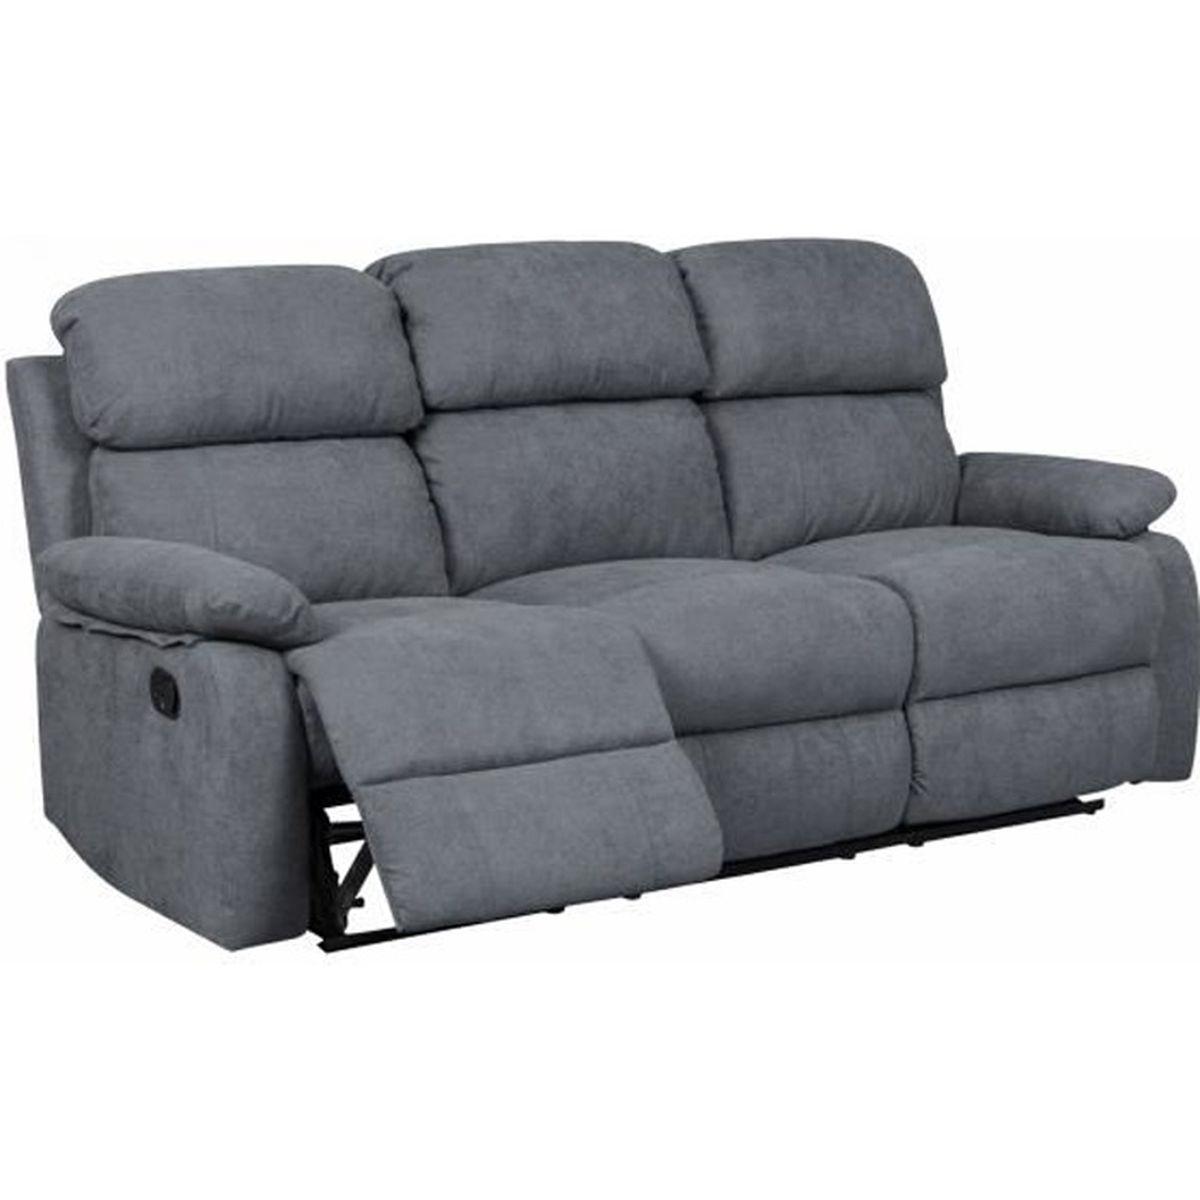 b06d7bff284 Canapé relax 3 places en tissu gris foncé KEATON - Achat   Vente ...